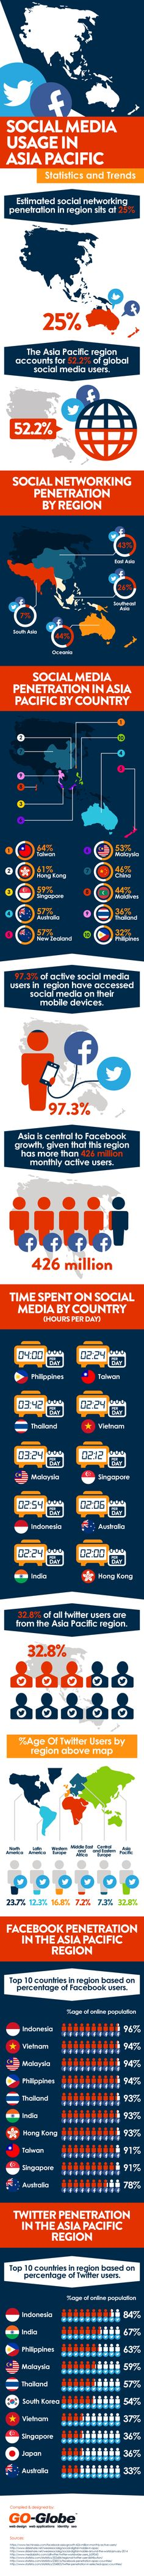 Social Media Usage in Asia